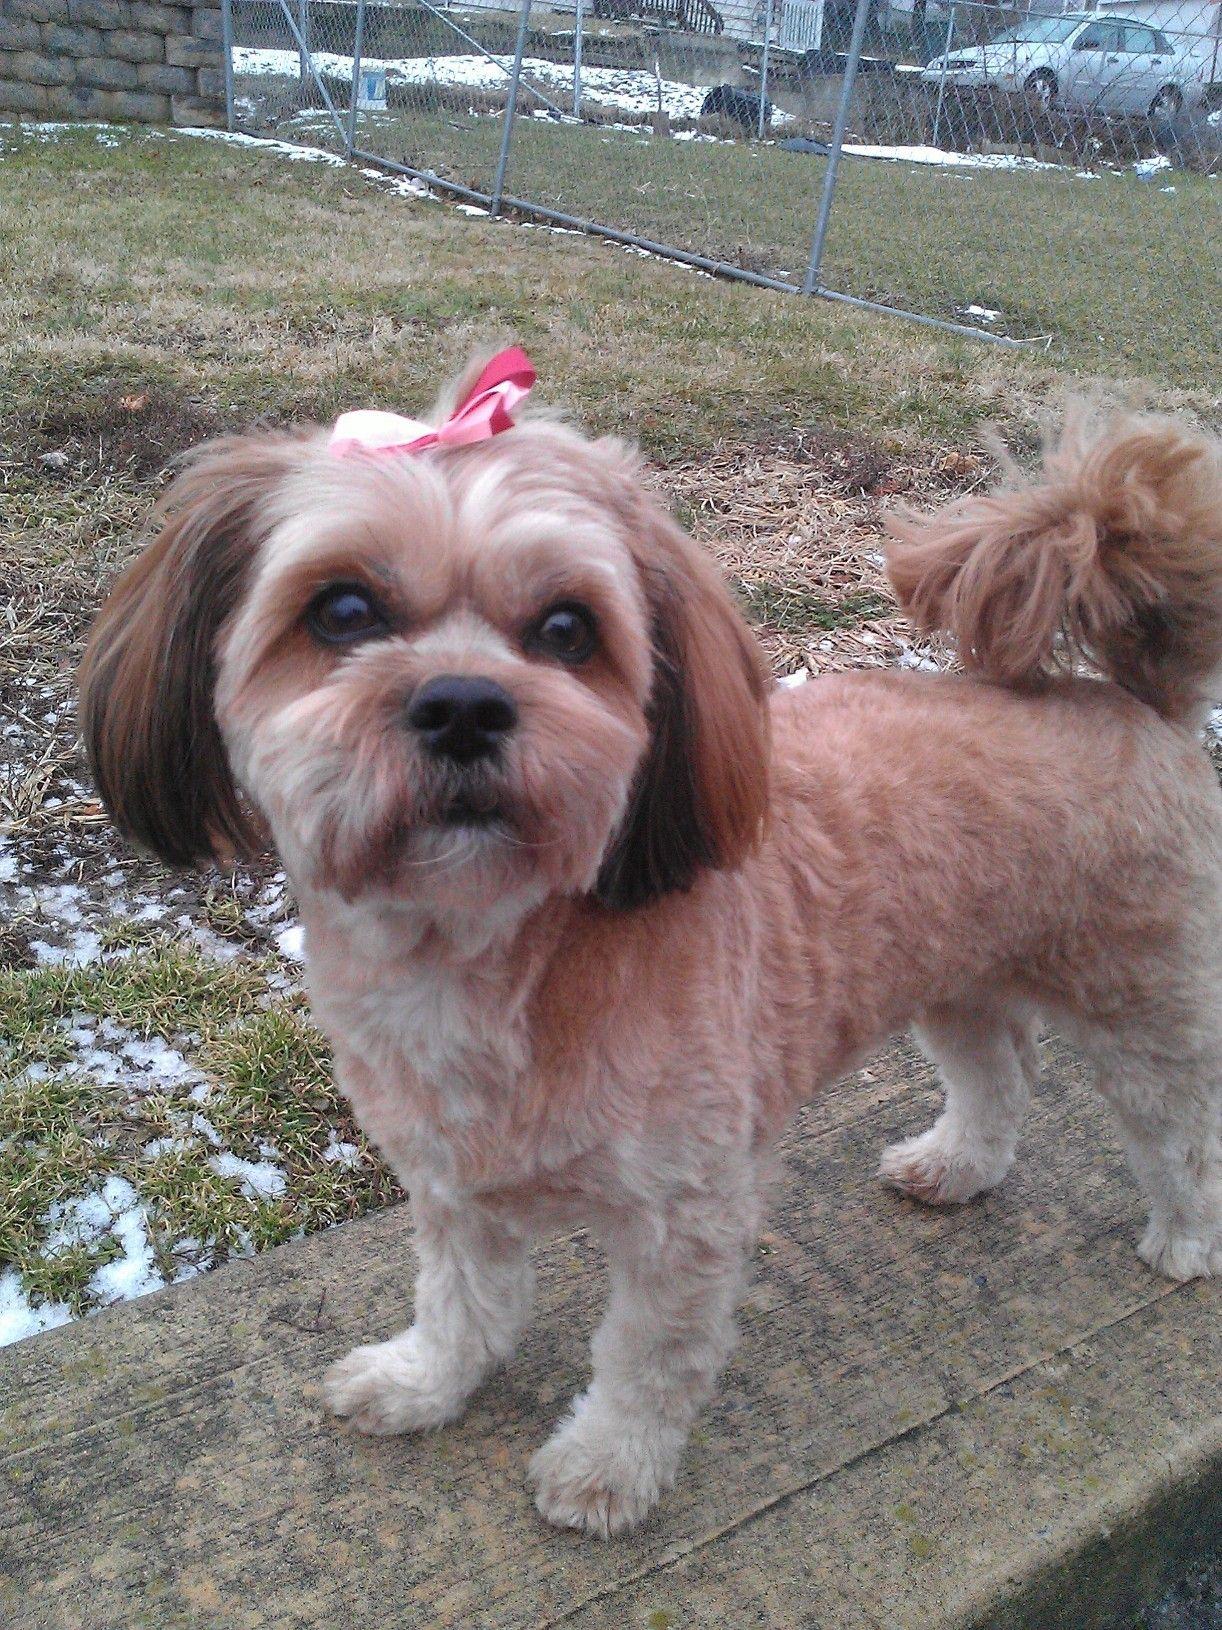 Shitzu Poodle Mix My Chanel 3 Shitzu Poodle Mix Poodle Mix